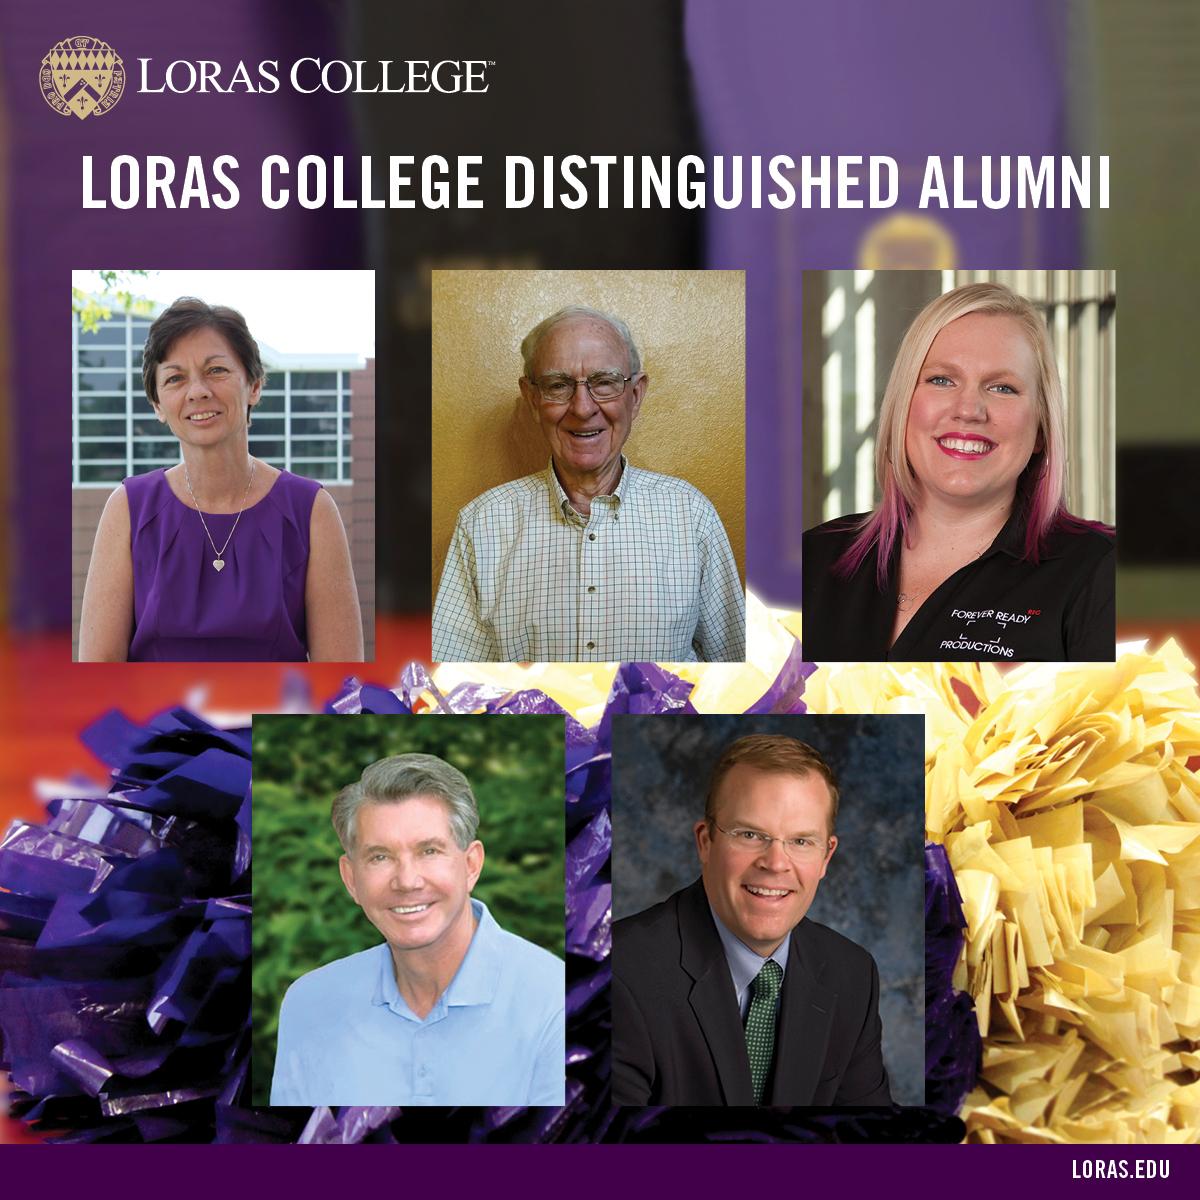 Loras Distinguished Alumni